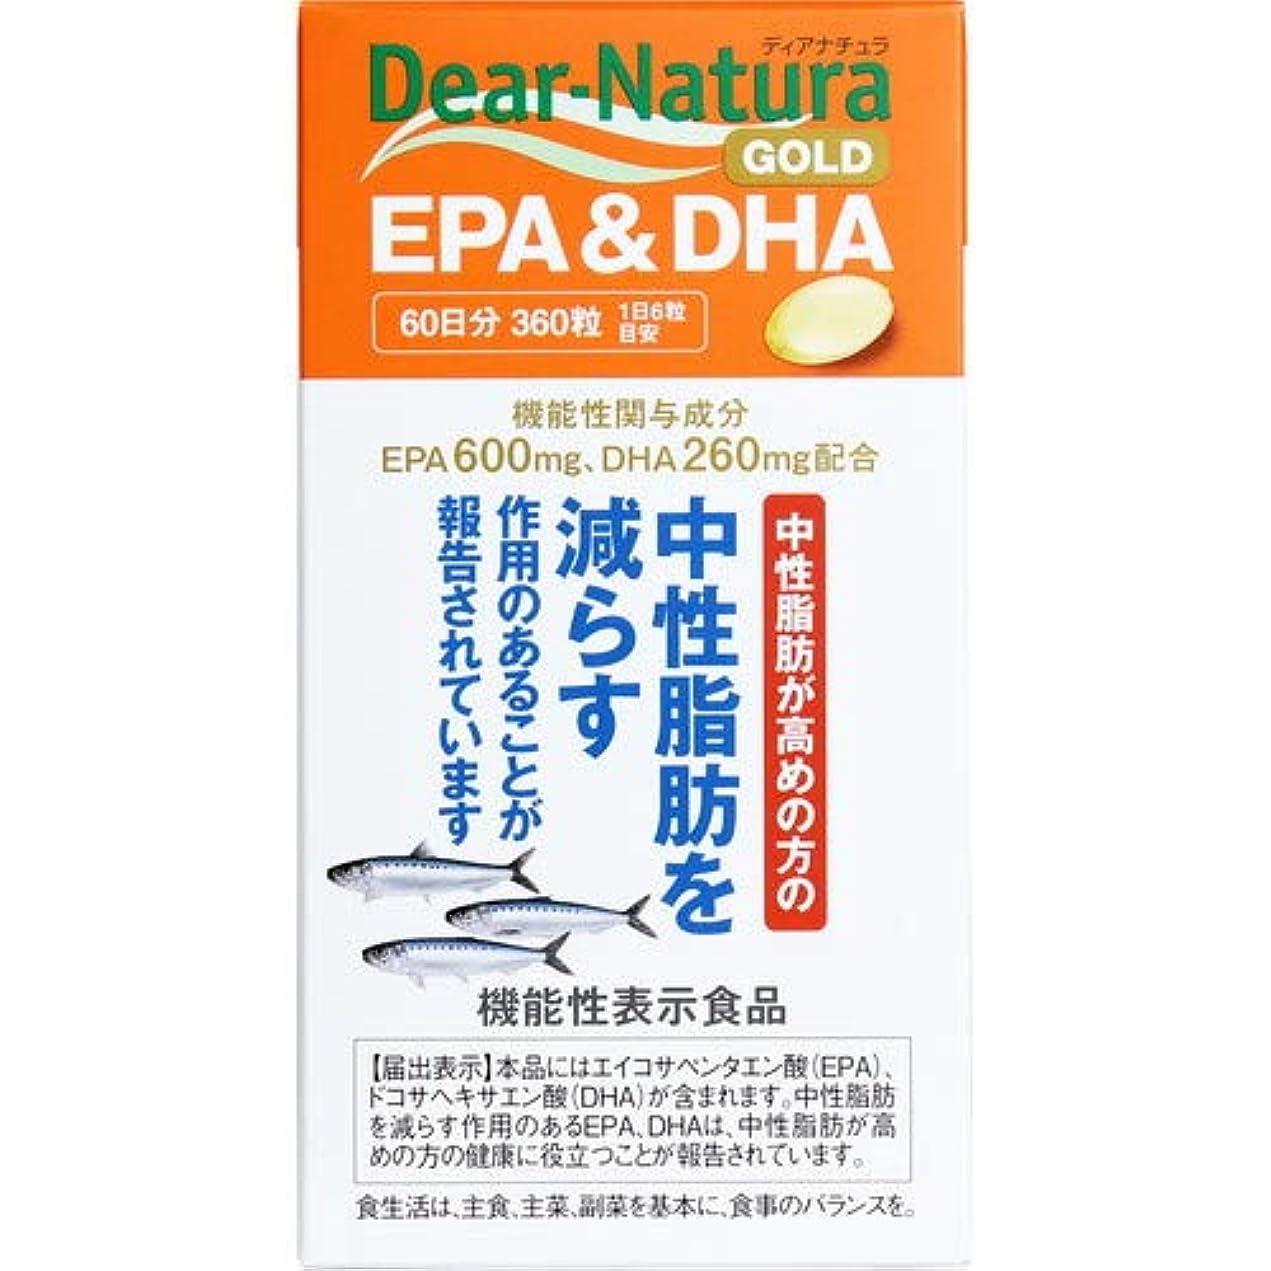 分散批評オーガニックディアナチュラゴールド EPA&DHA 60日分 360粒入